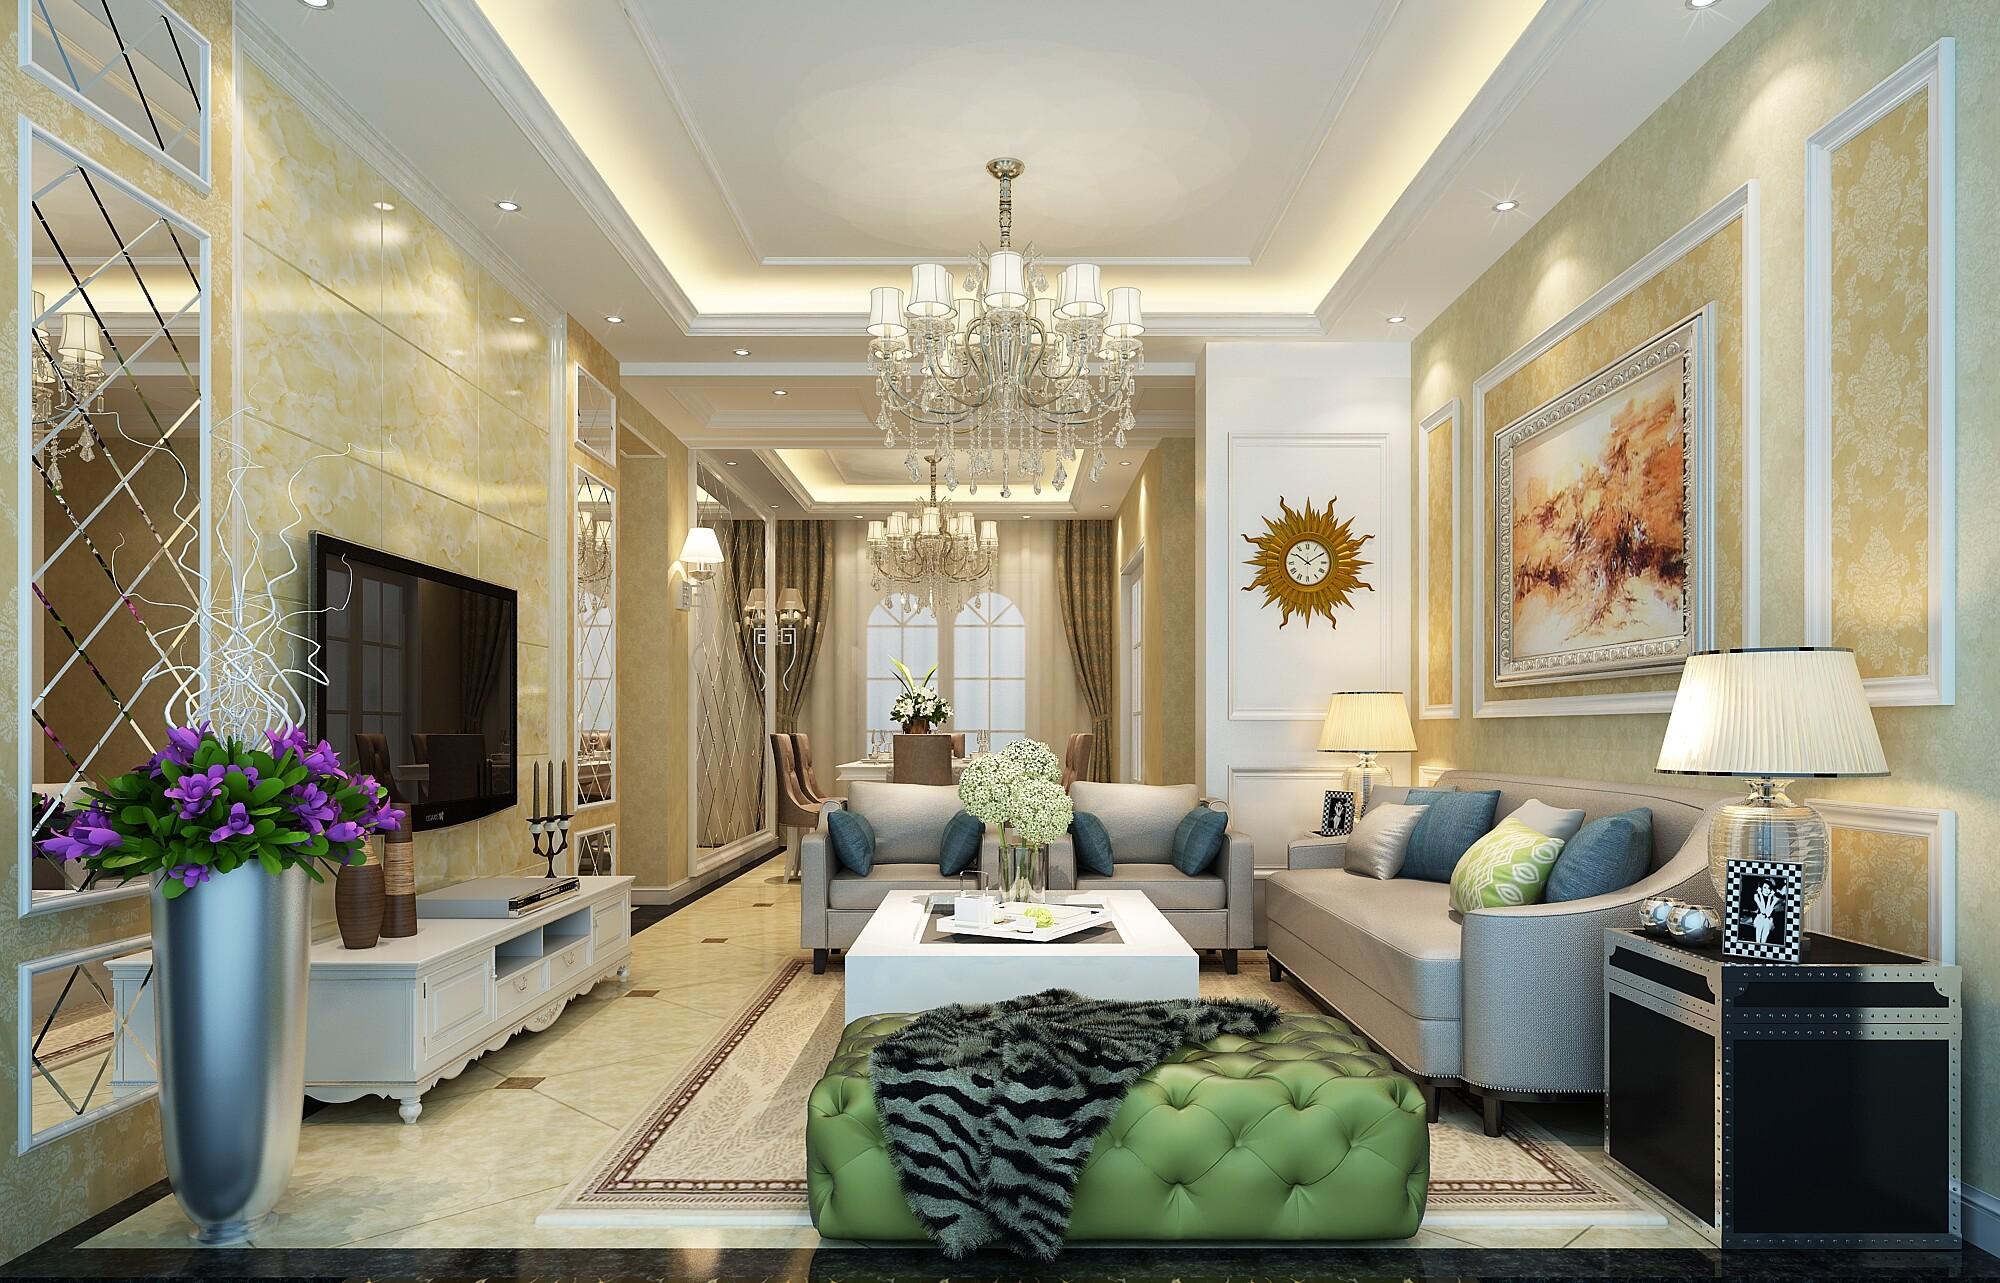 欧式风格装修效果图,室内设计效果图-齐家装修网